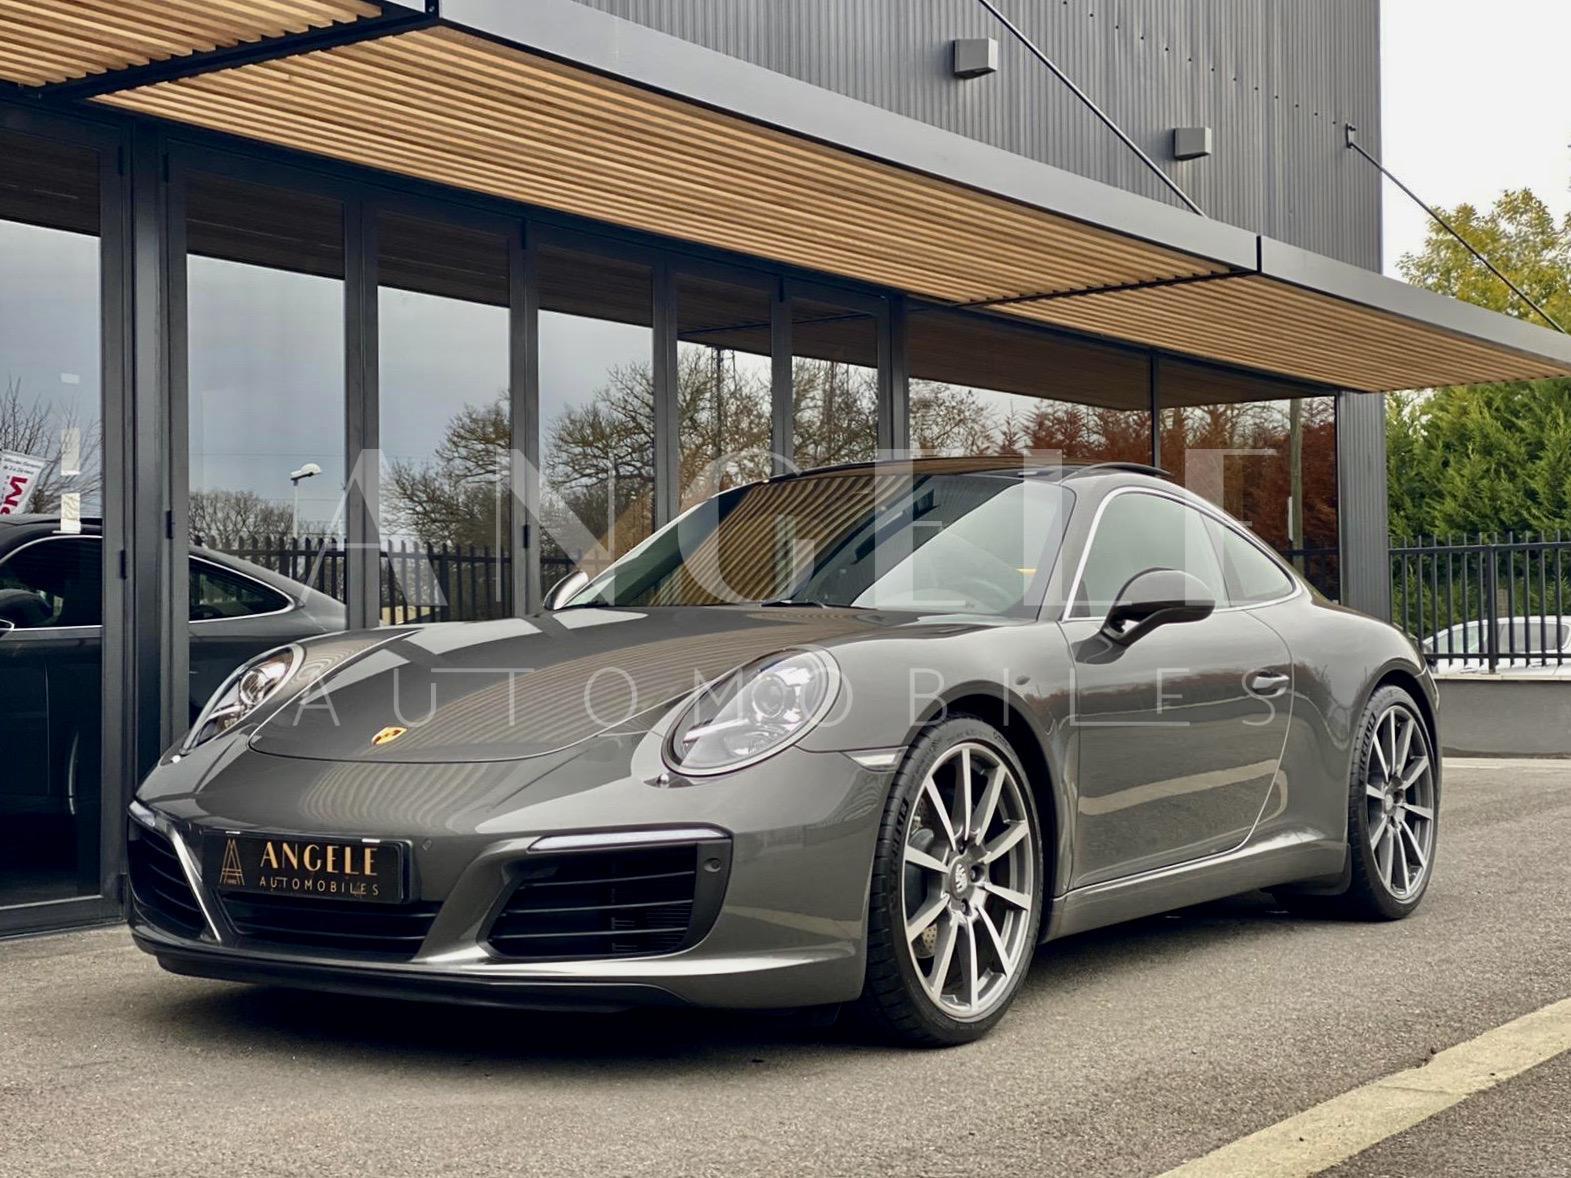 Porsche 911 Carrera - Angelé Automobiles